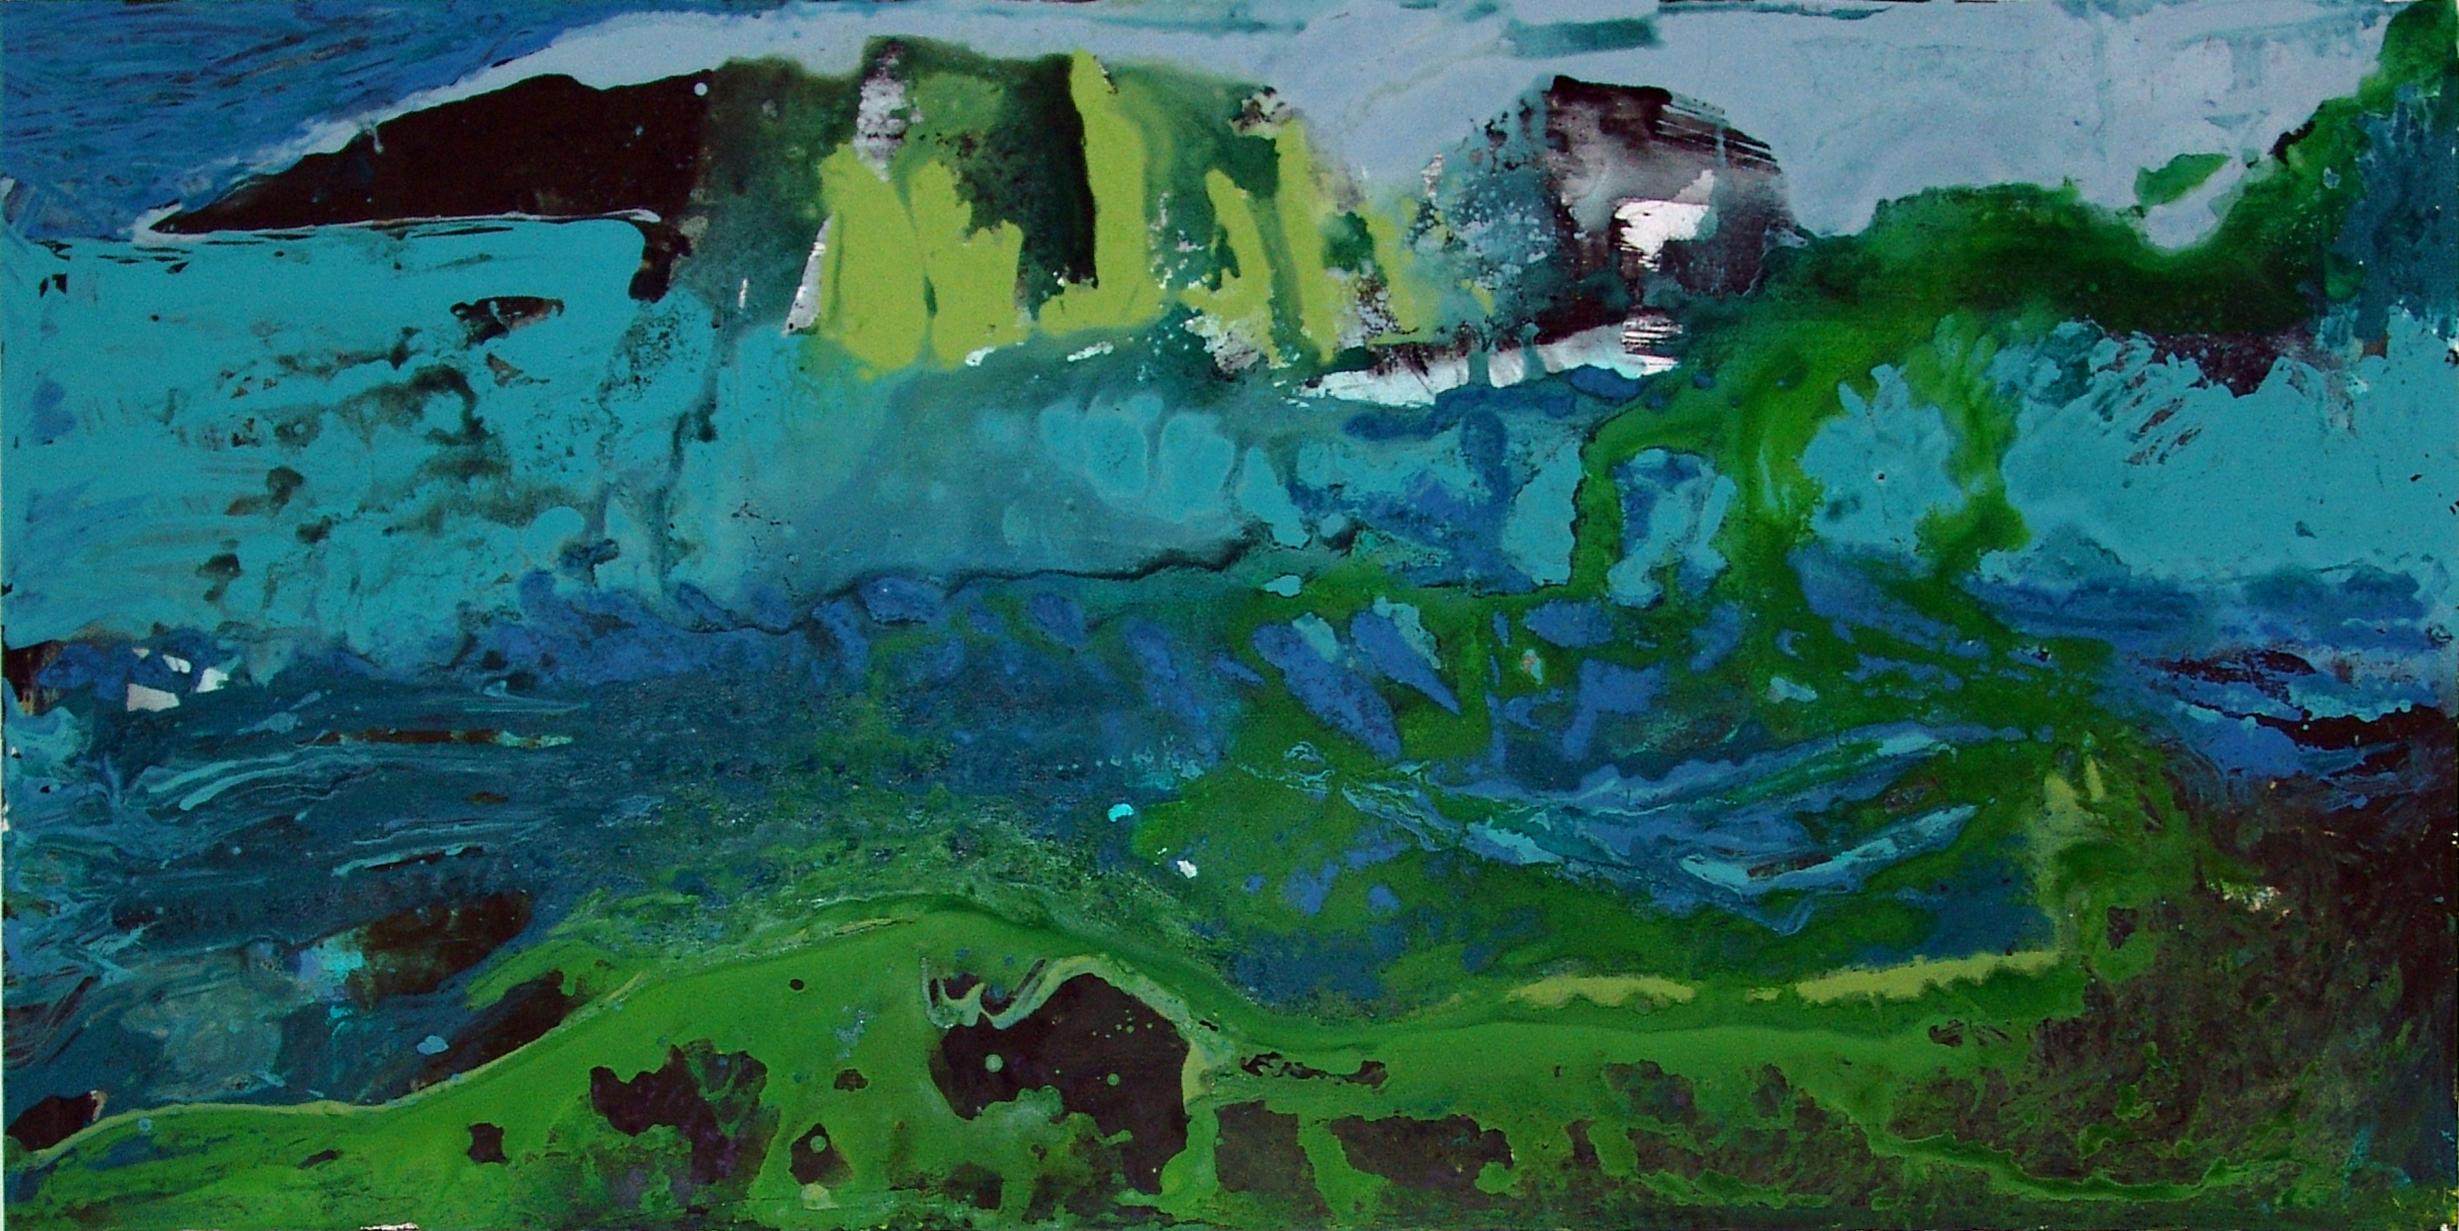 Tidal Pool 4